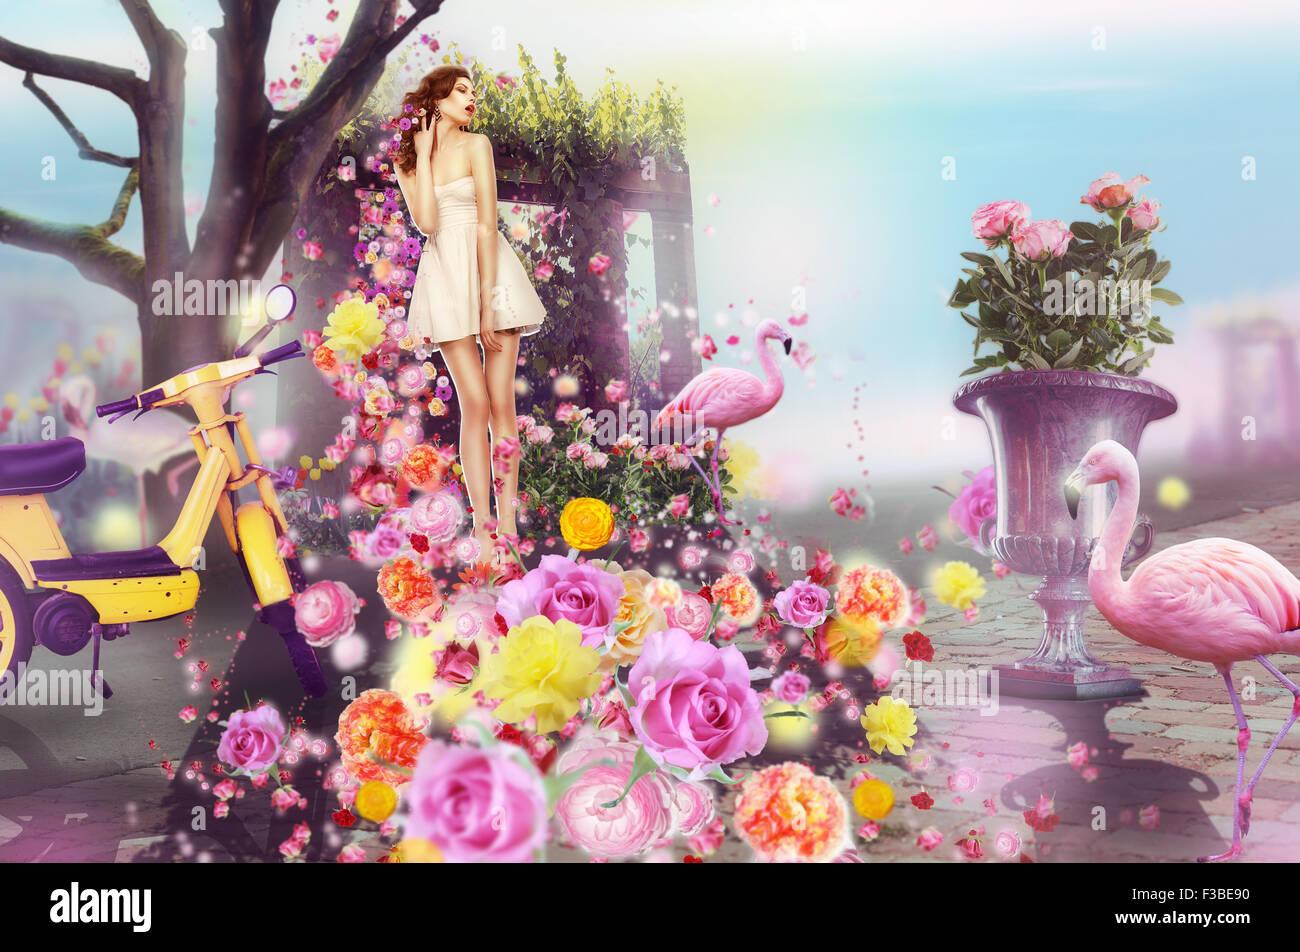 El concepto creativo. Mujer y flores de artes visuales. Imagen De Stock